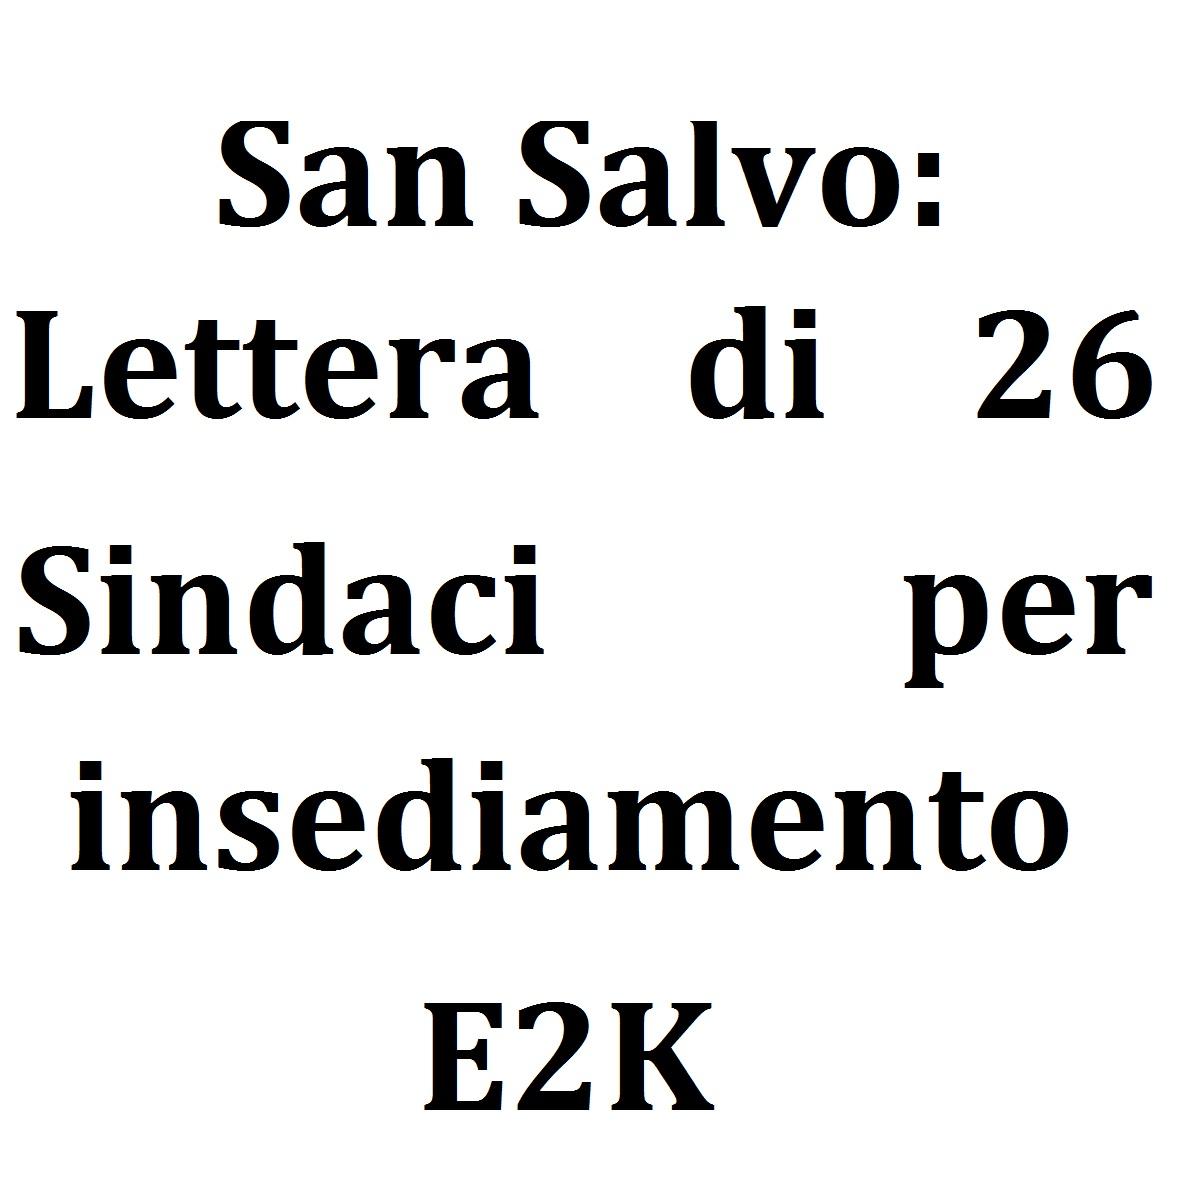 San Salvo lettera di ventisei Sindaci per insediamento E2K foto